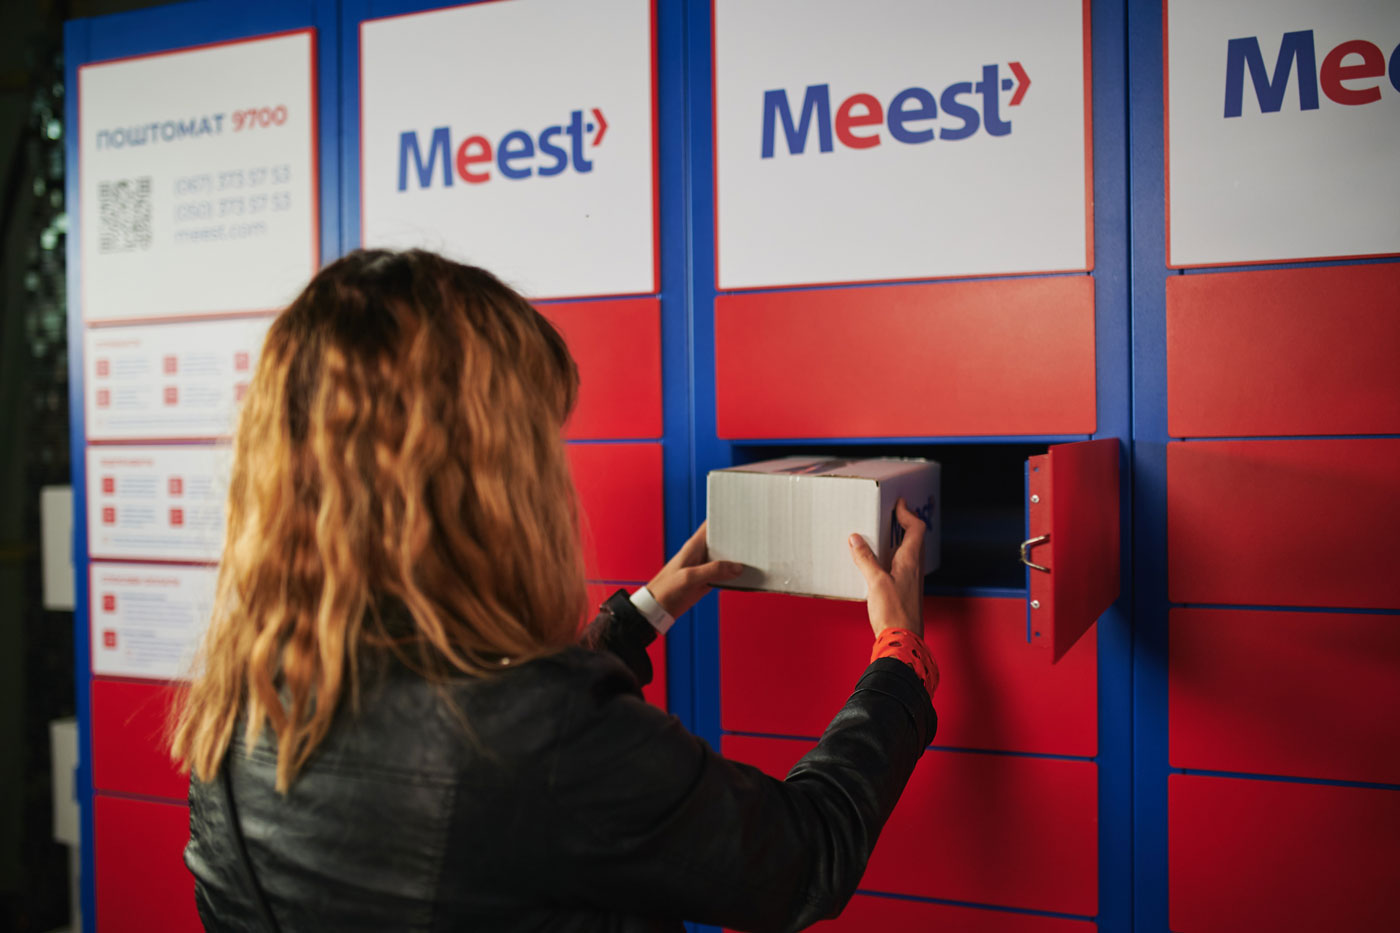 Otrymaty posylku Meest u poštomati